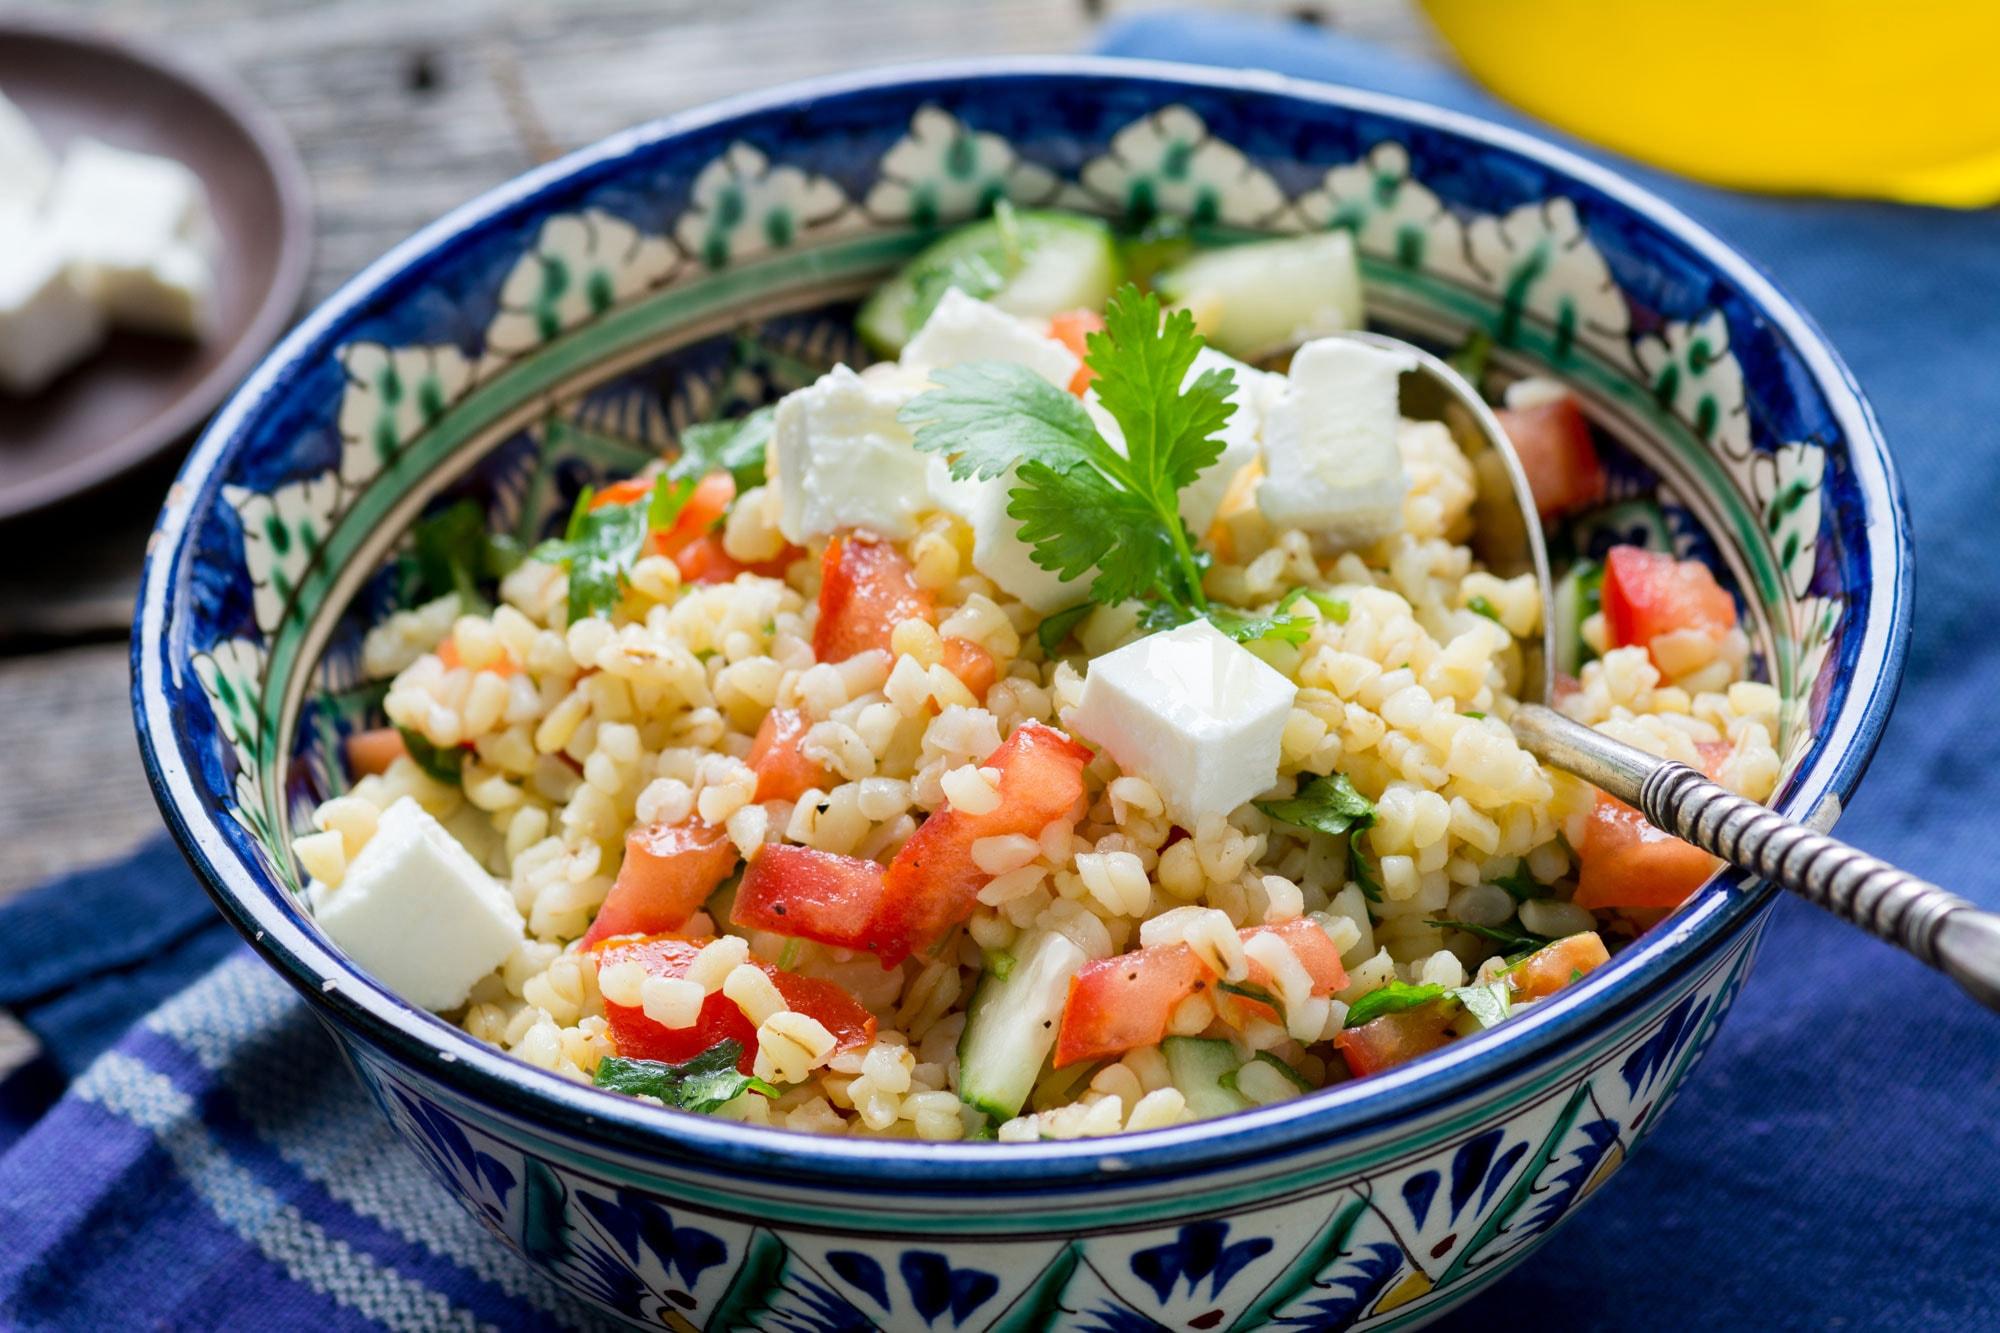 olcsó diétás ételek)